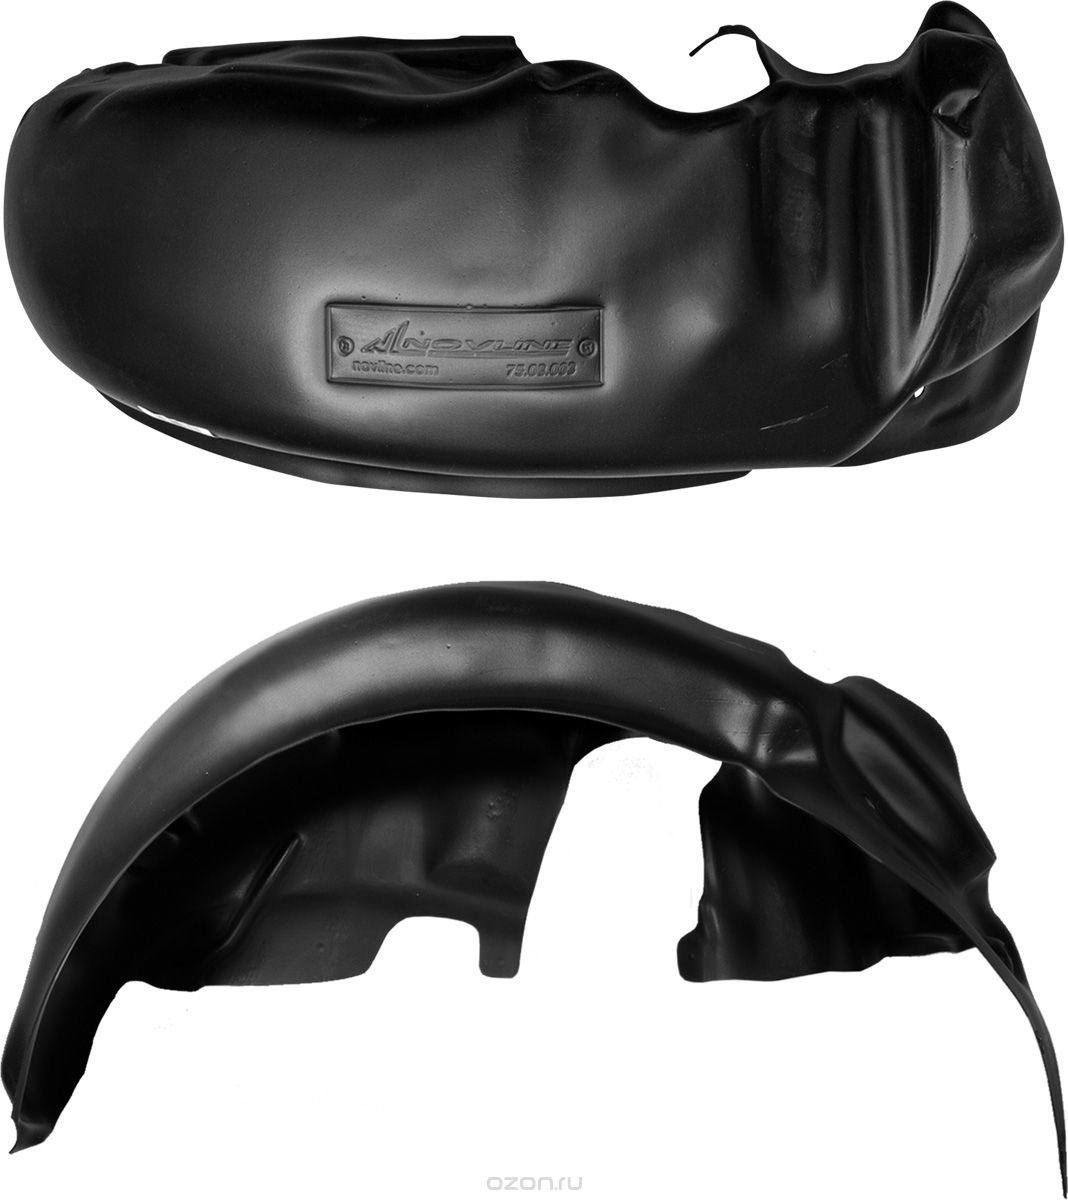 Подкрылок Novline-Autofamily, для CHERY Indis, 2011->, передний левыйDW90Идеальная защита колесной ниши. Локеры разработаны с применением цифровых технологий, гарантируют максимальную повторяемость поверхности арки. Изделия устанавливаются без нарушения лакокрасочного покрытия автомобиля, каждый подкрылок комплектуется крепежом. Уважаемые клиенты, обращаем ваше внимание, что фотографии на подкрылки универсальные и не отражают реальную форму изделия. При этом само изделие идет точно под размер указанного автомобиля.